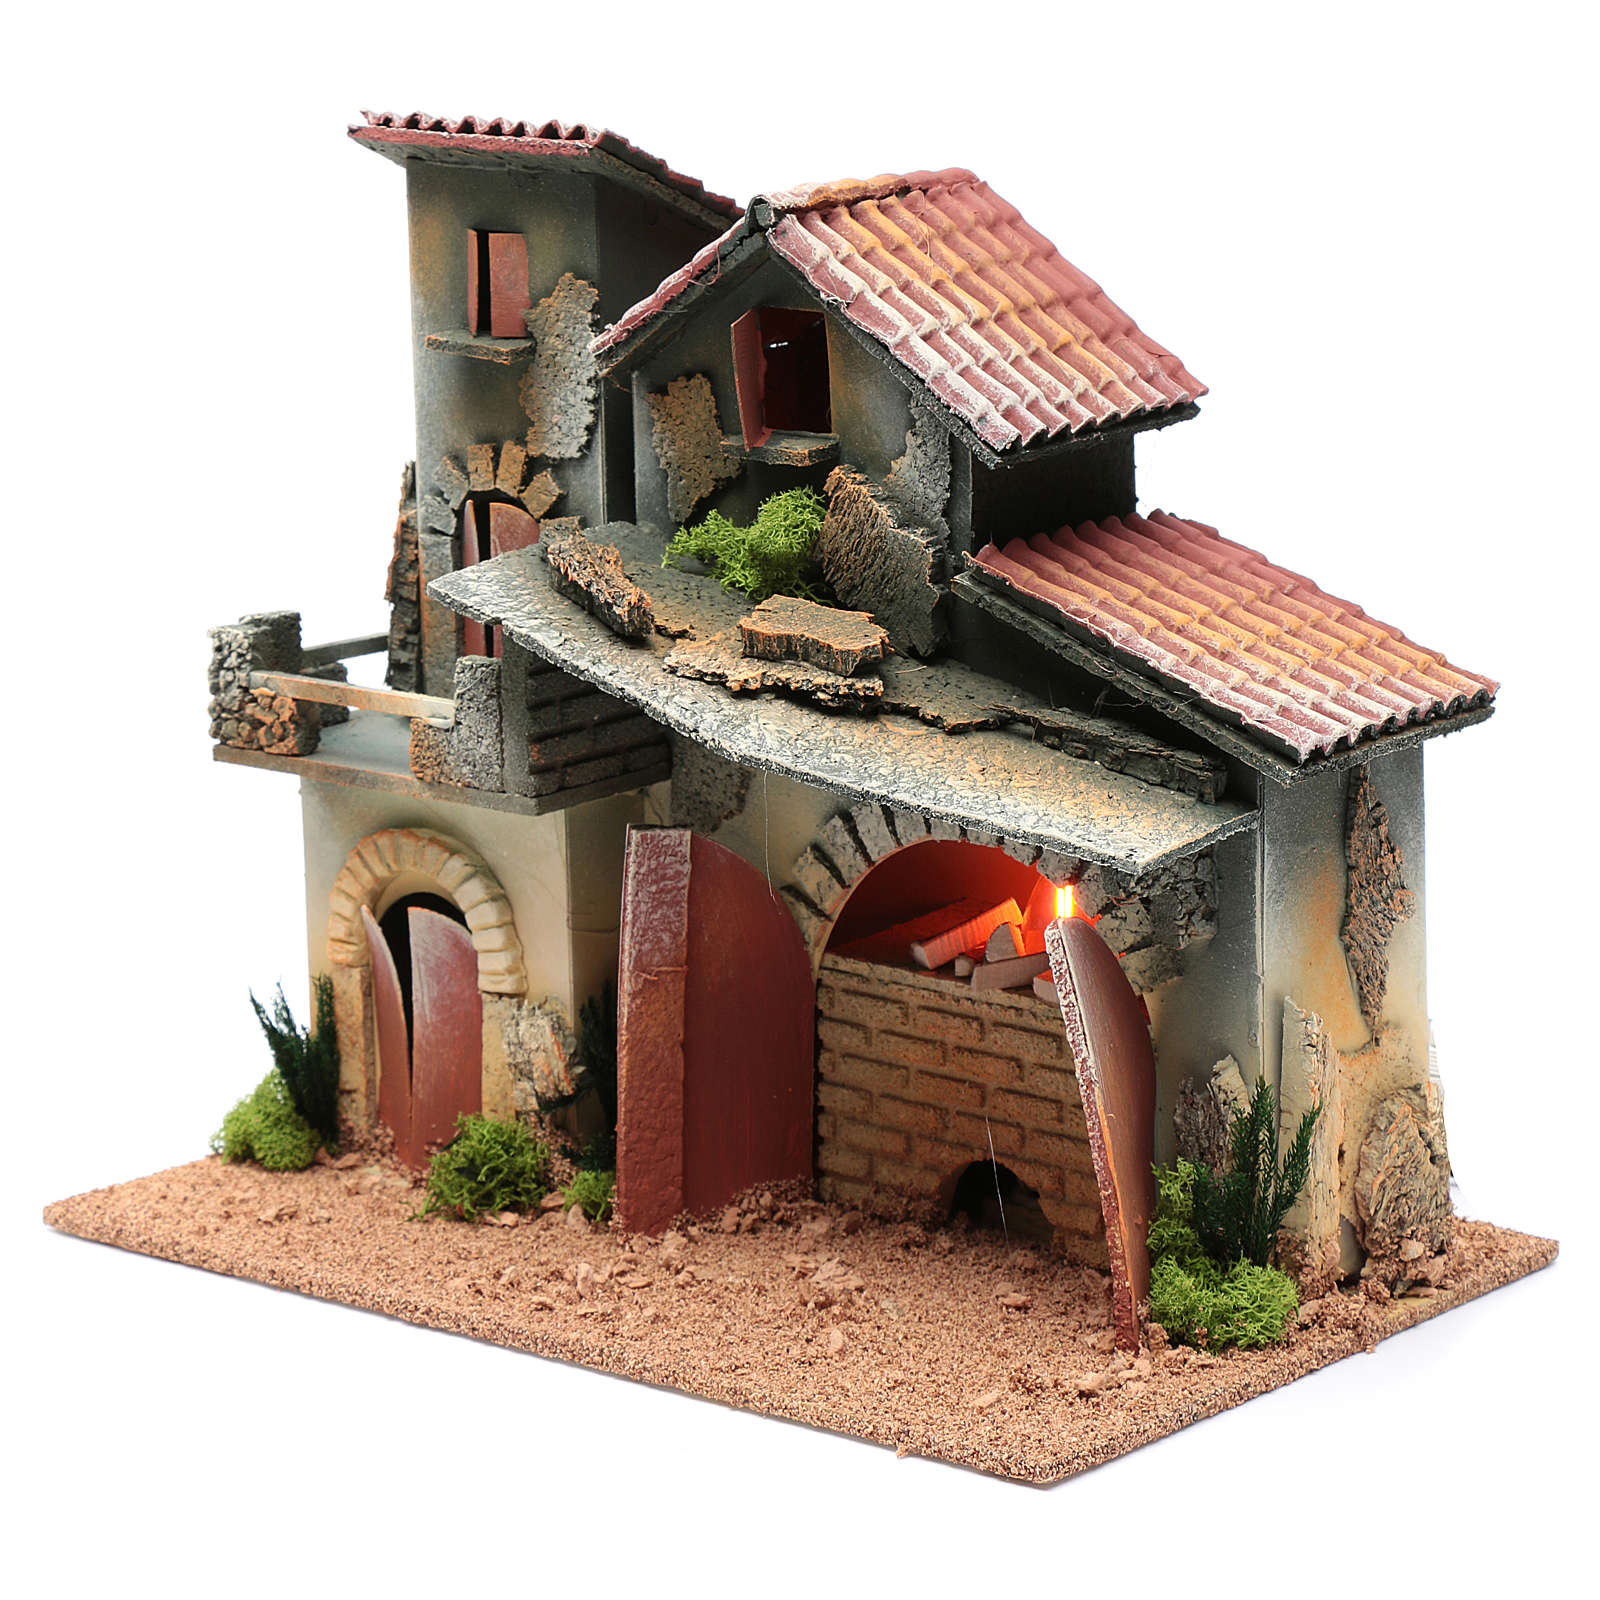 Décor avec cheminée et éclairage 24,5x30x20 cm 4